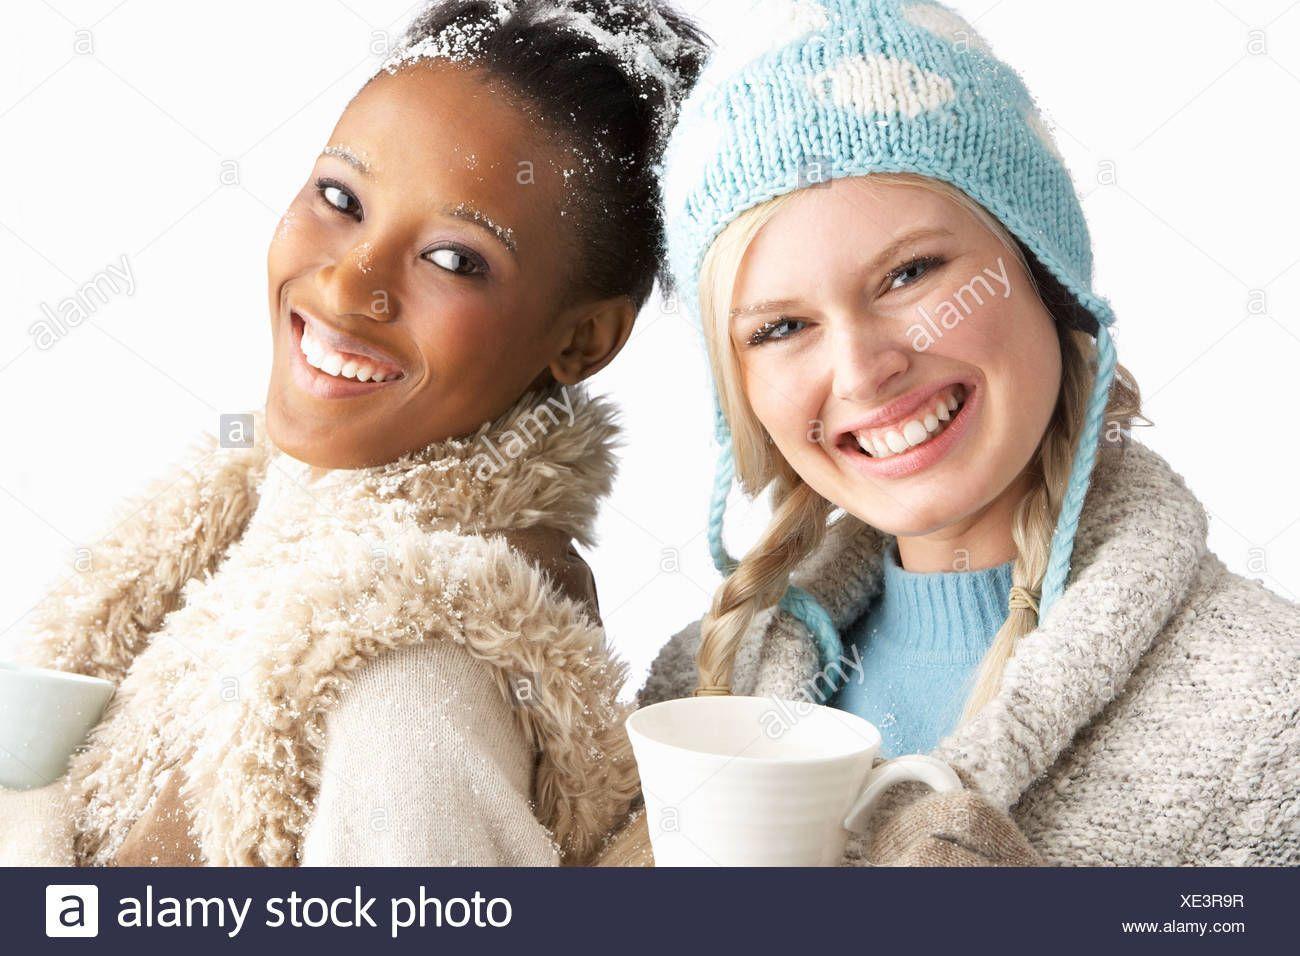 Sub reccomend Snowball women facial